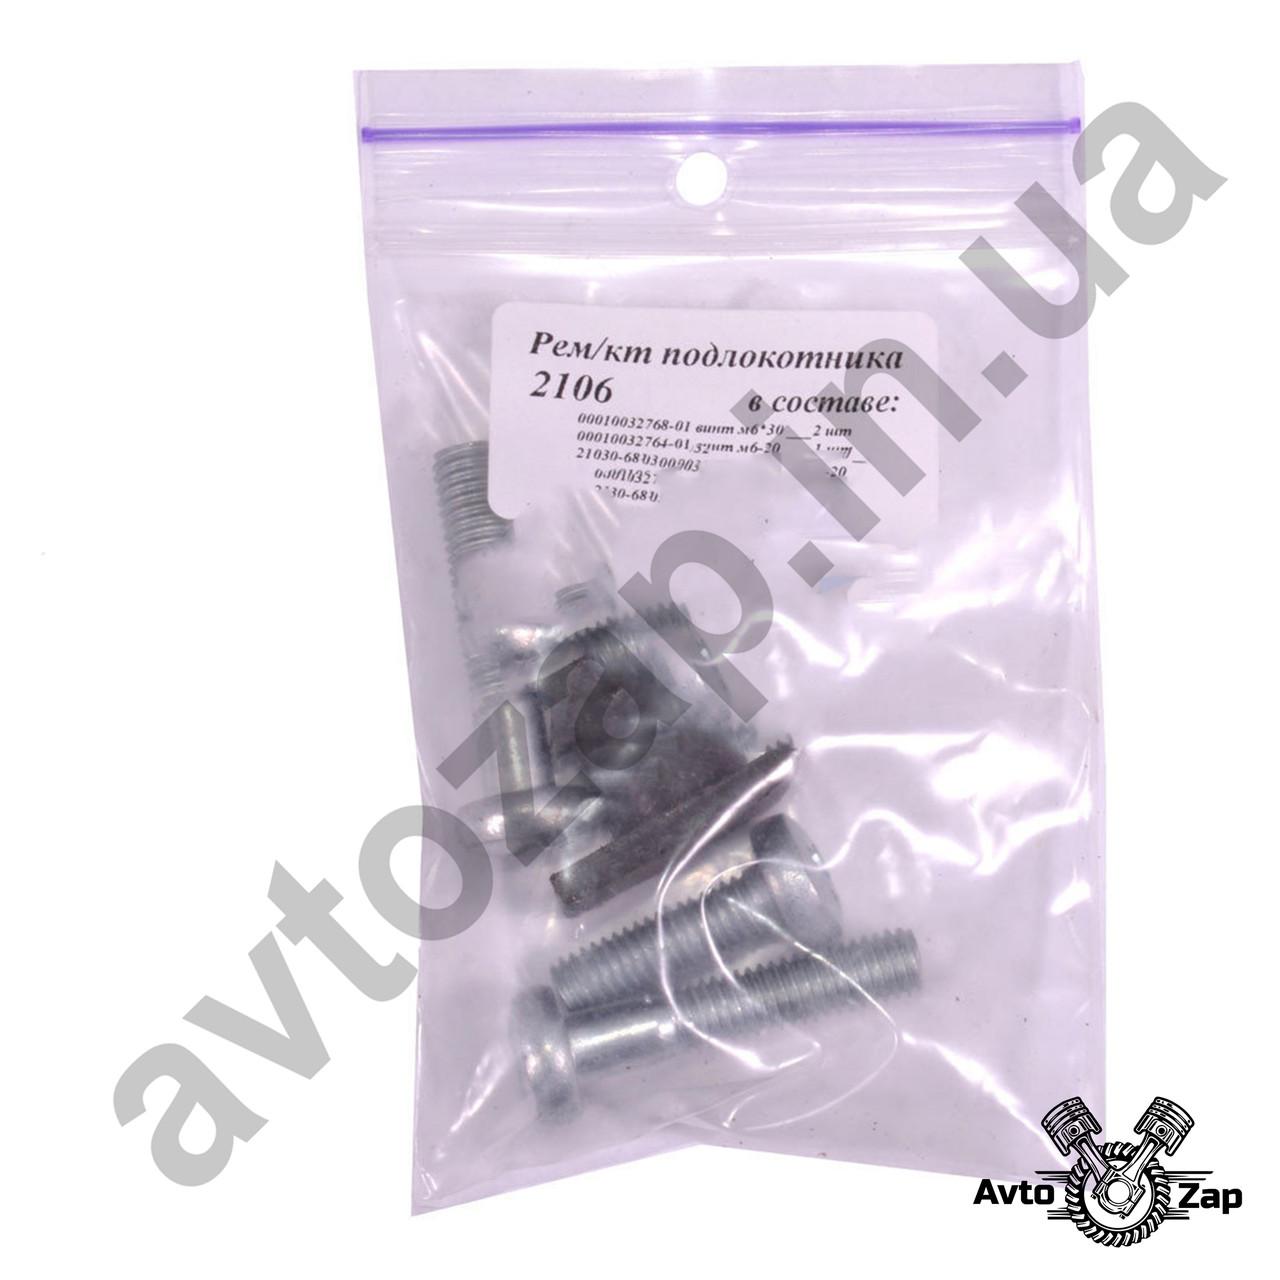 Ремкомплект подлокотника ВАЗ 2106-07 ,пластиковая ручка (винт-3шт., заглушка)    37192